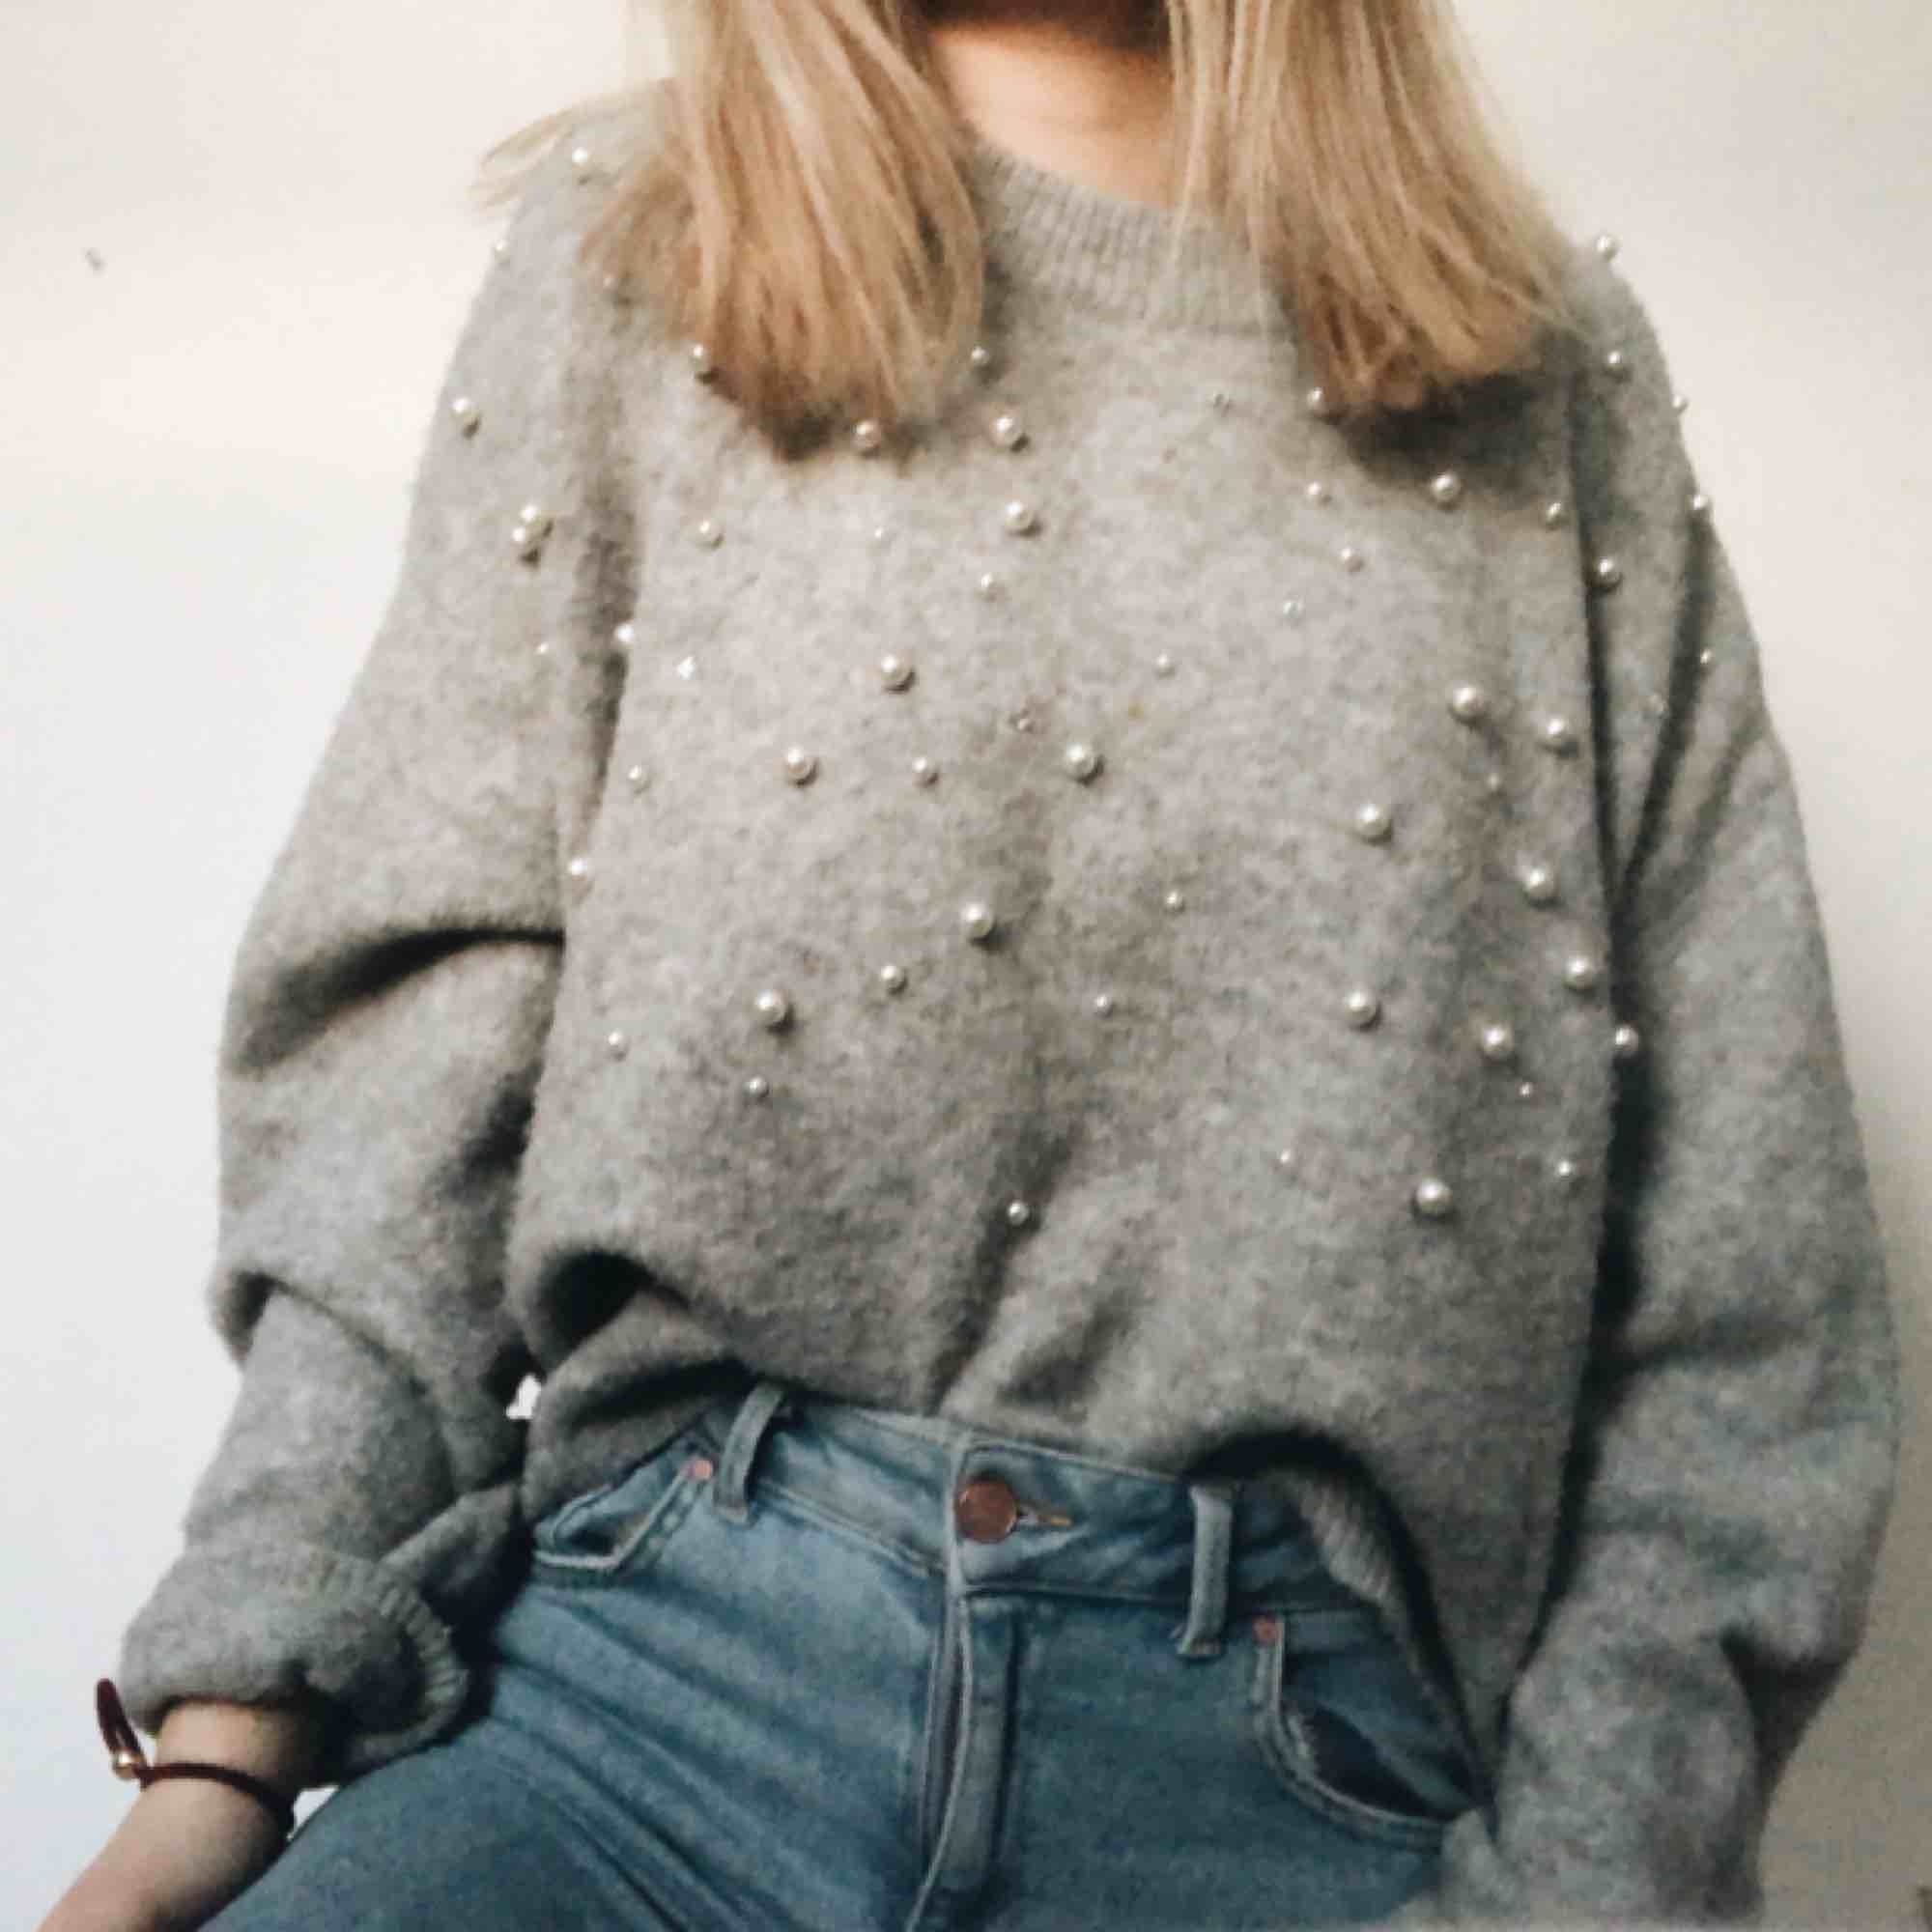 Jättemysig tröja från hm med pärlor. Stickat.